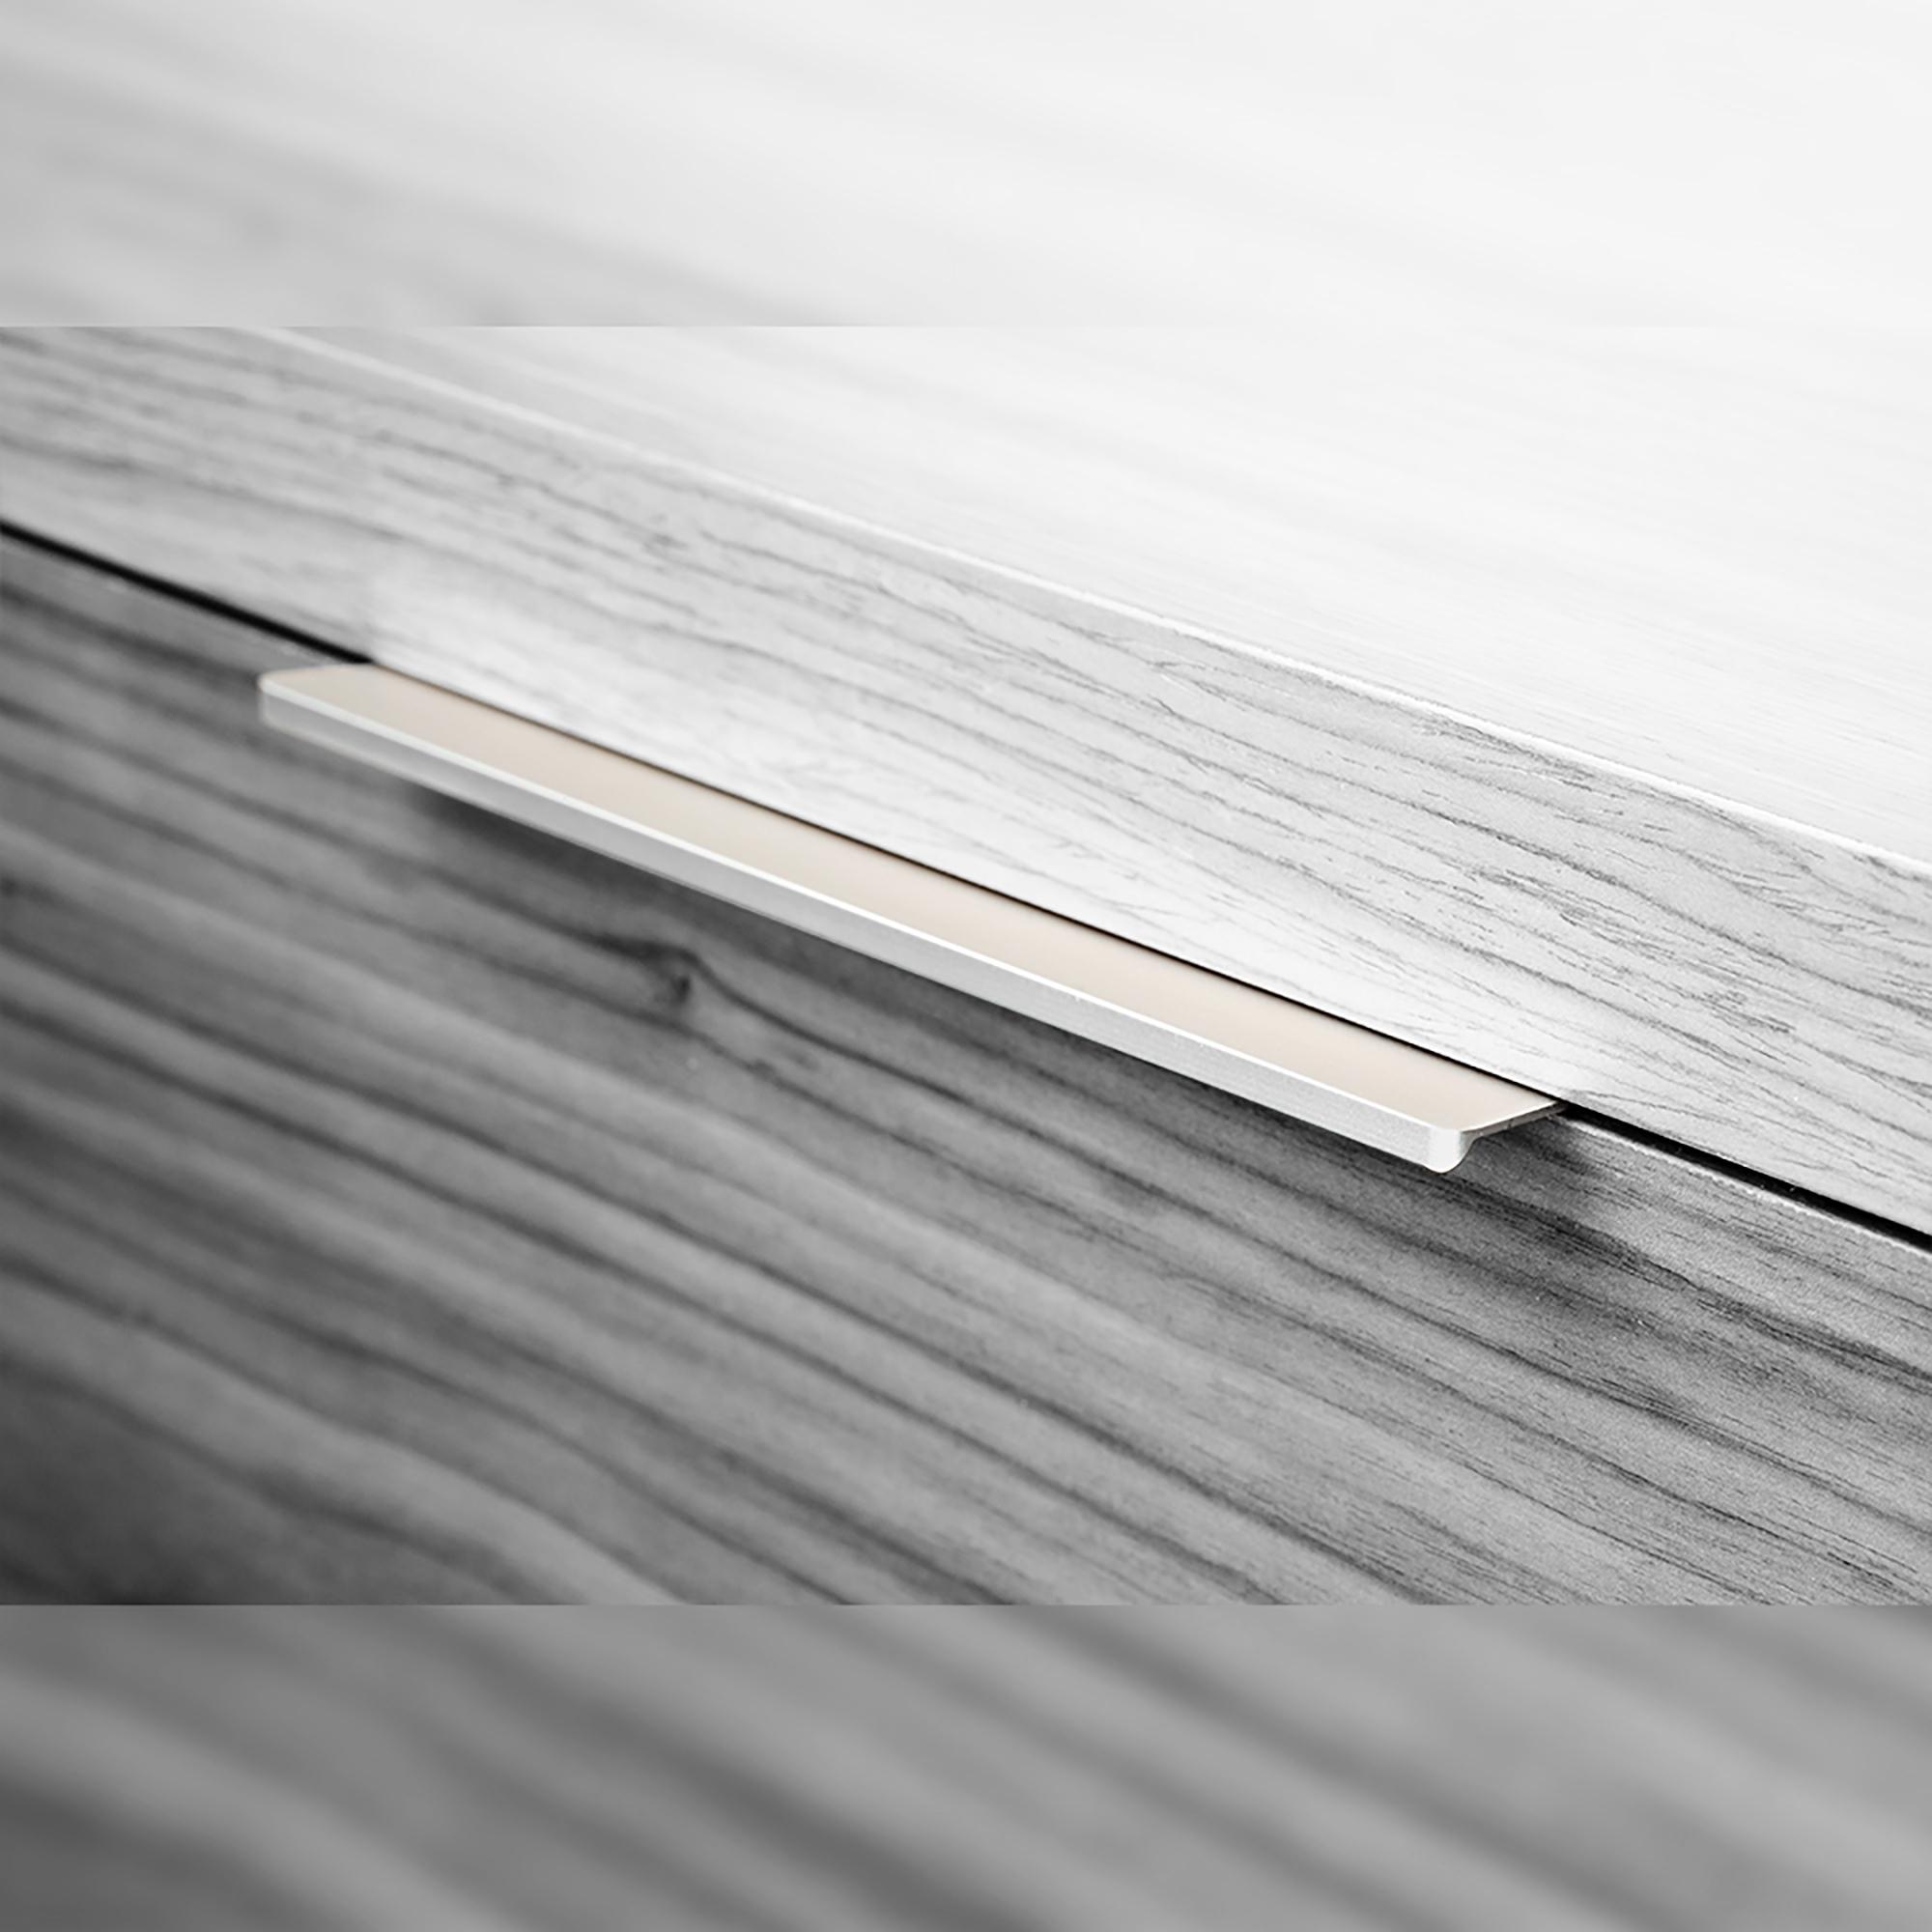 Emuca Maniglie per mobile, interasse 128 mm, Alluminio, Anodizzato opaco, 25 u.